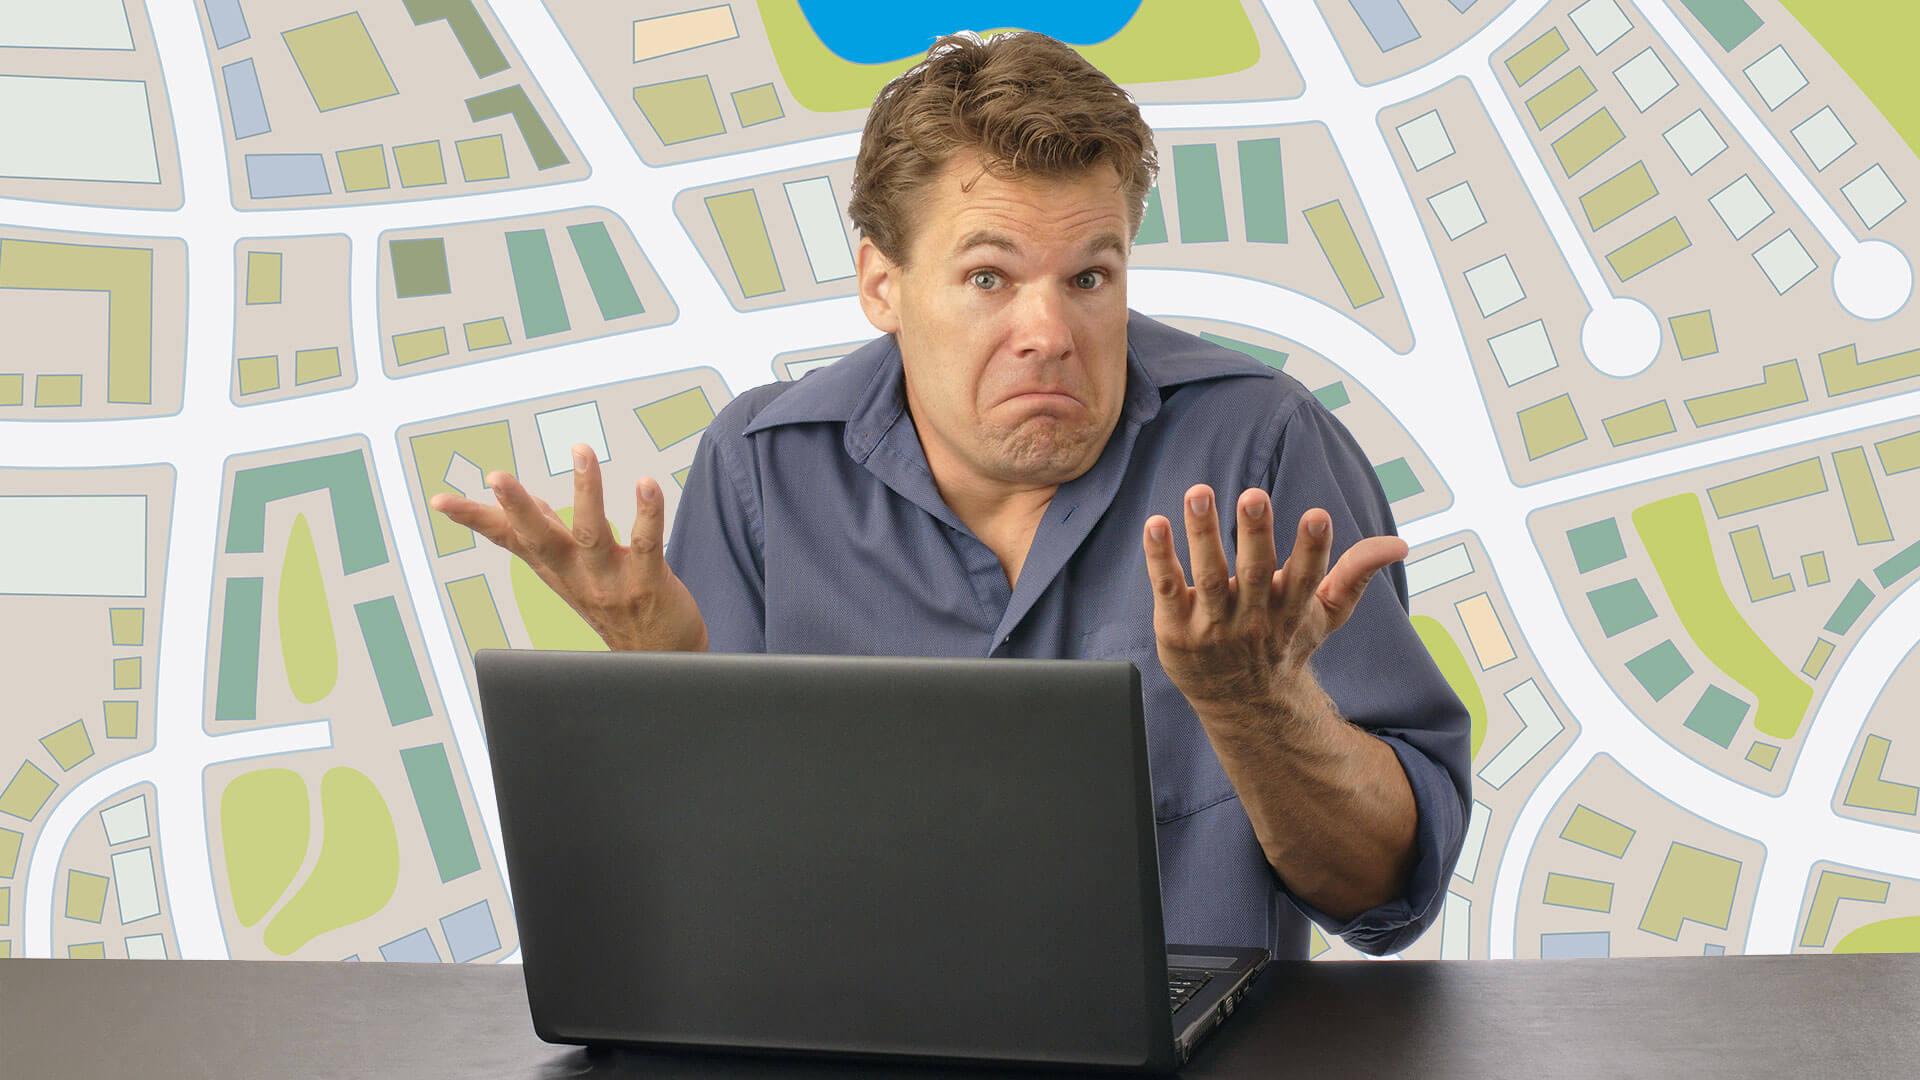 ¿Necesita ponerse en contacto con el servicio de asistencia de Google My Business?  ¡Usa Twitter!